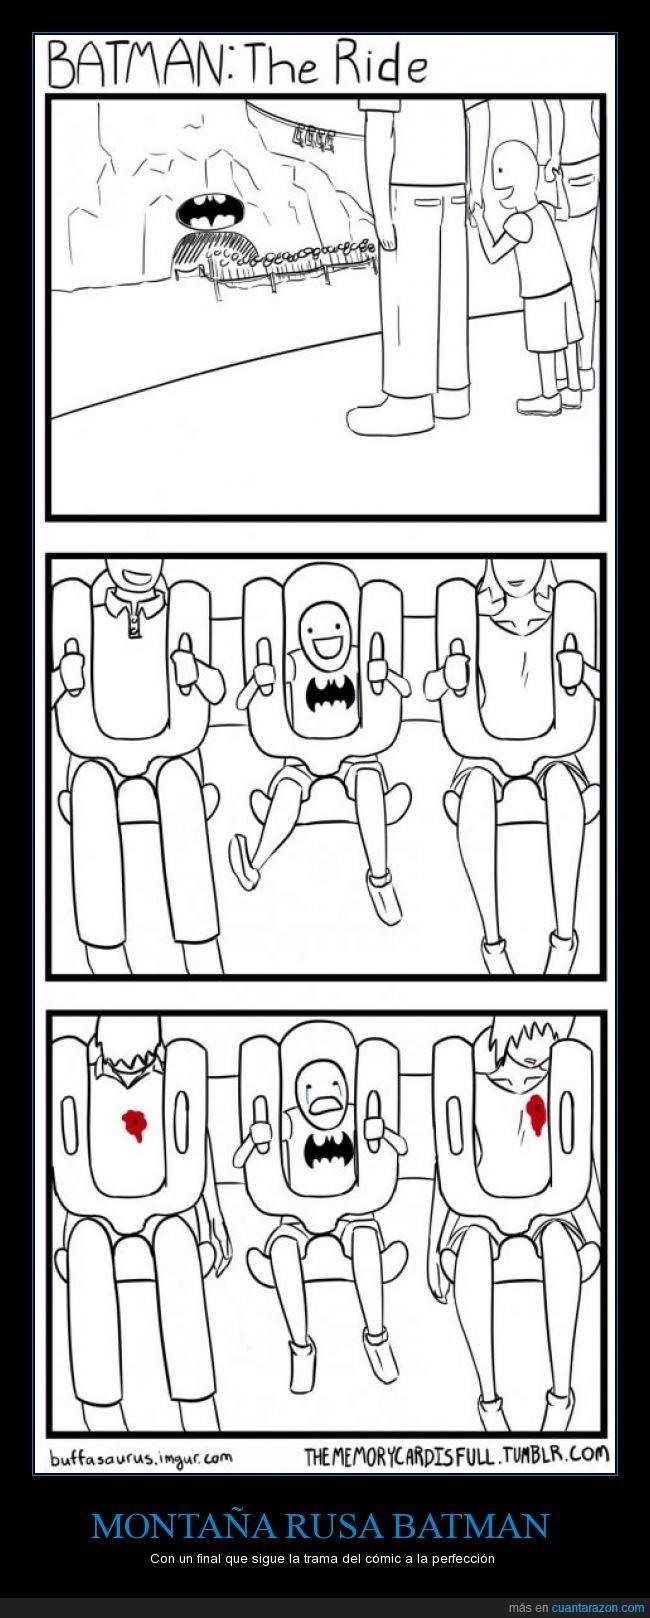 alegría,atracción,Batman,disparo,fan,huerfano,llorar,matar,montaña rusa,niño,parque,veracidad